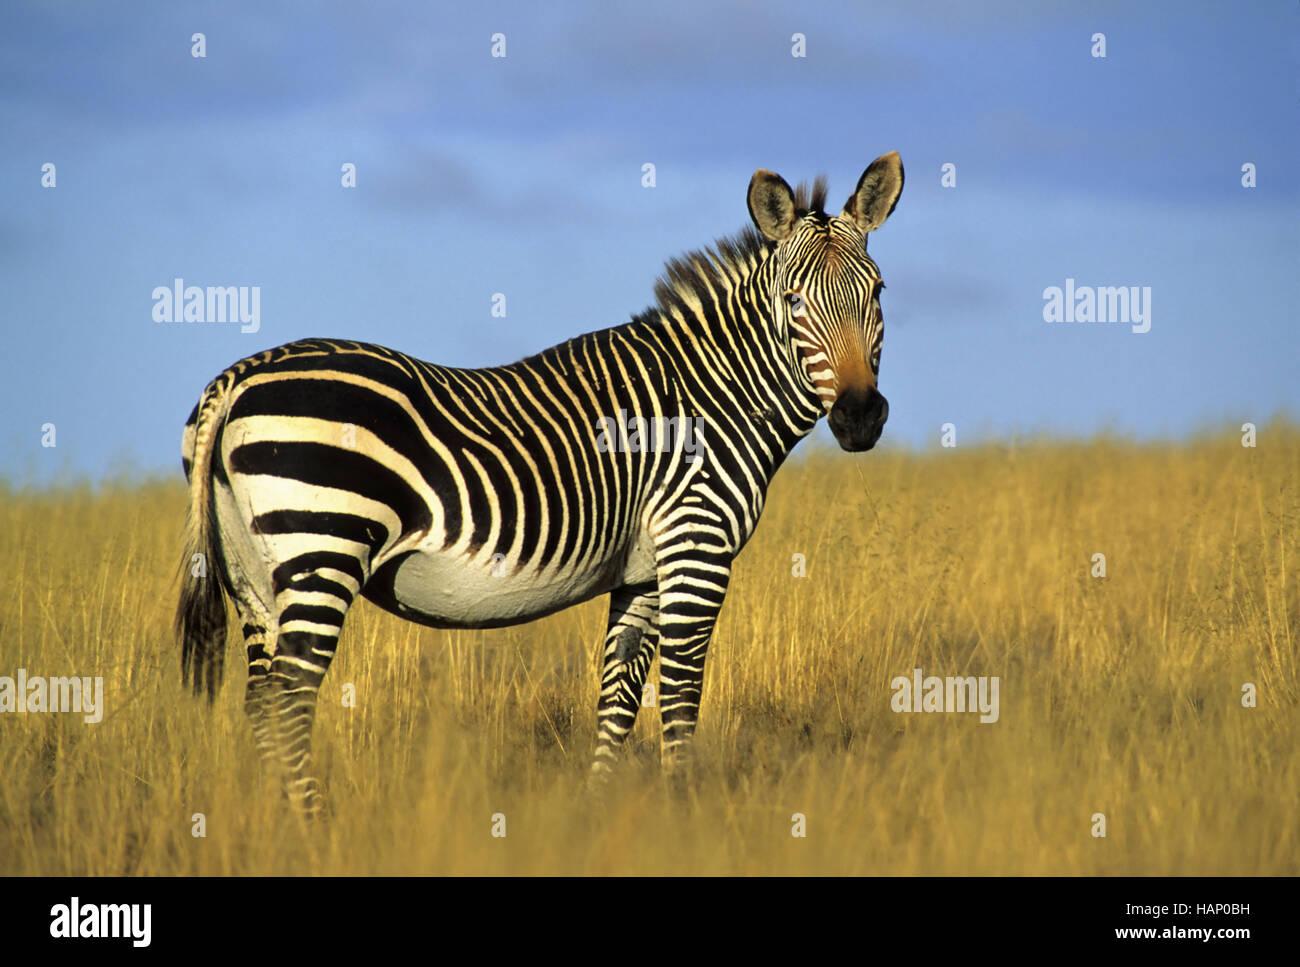 Zebra, South Africa, Suedafrika - Stock Image